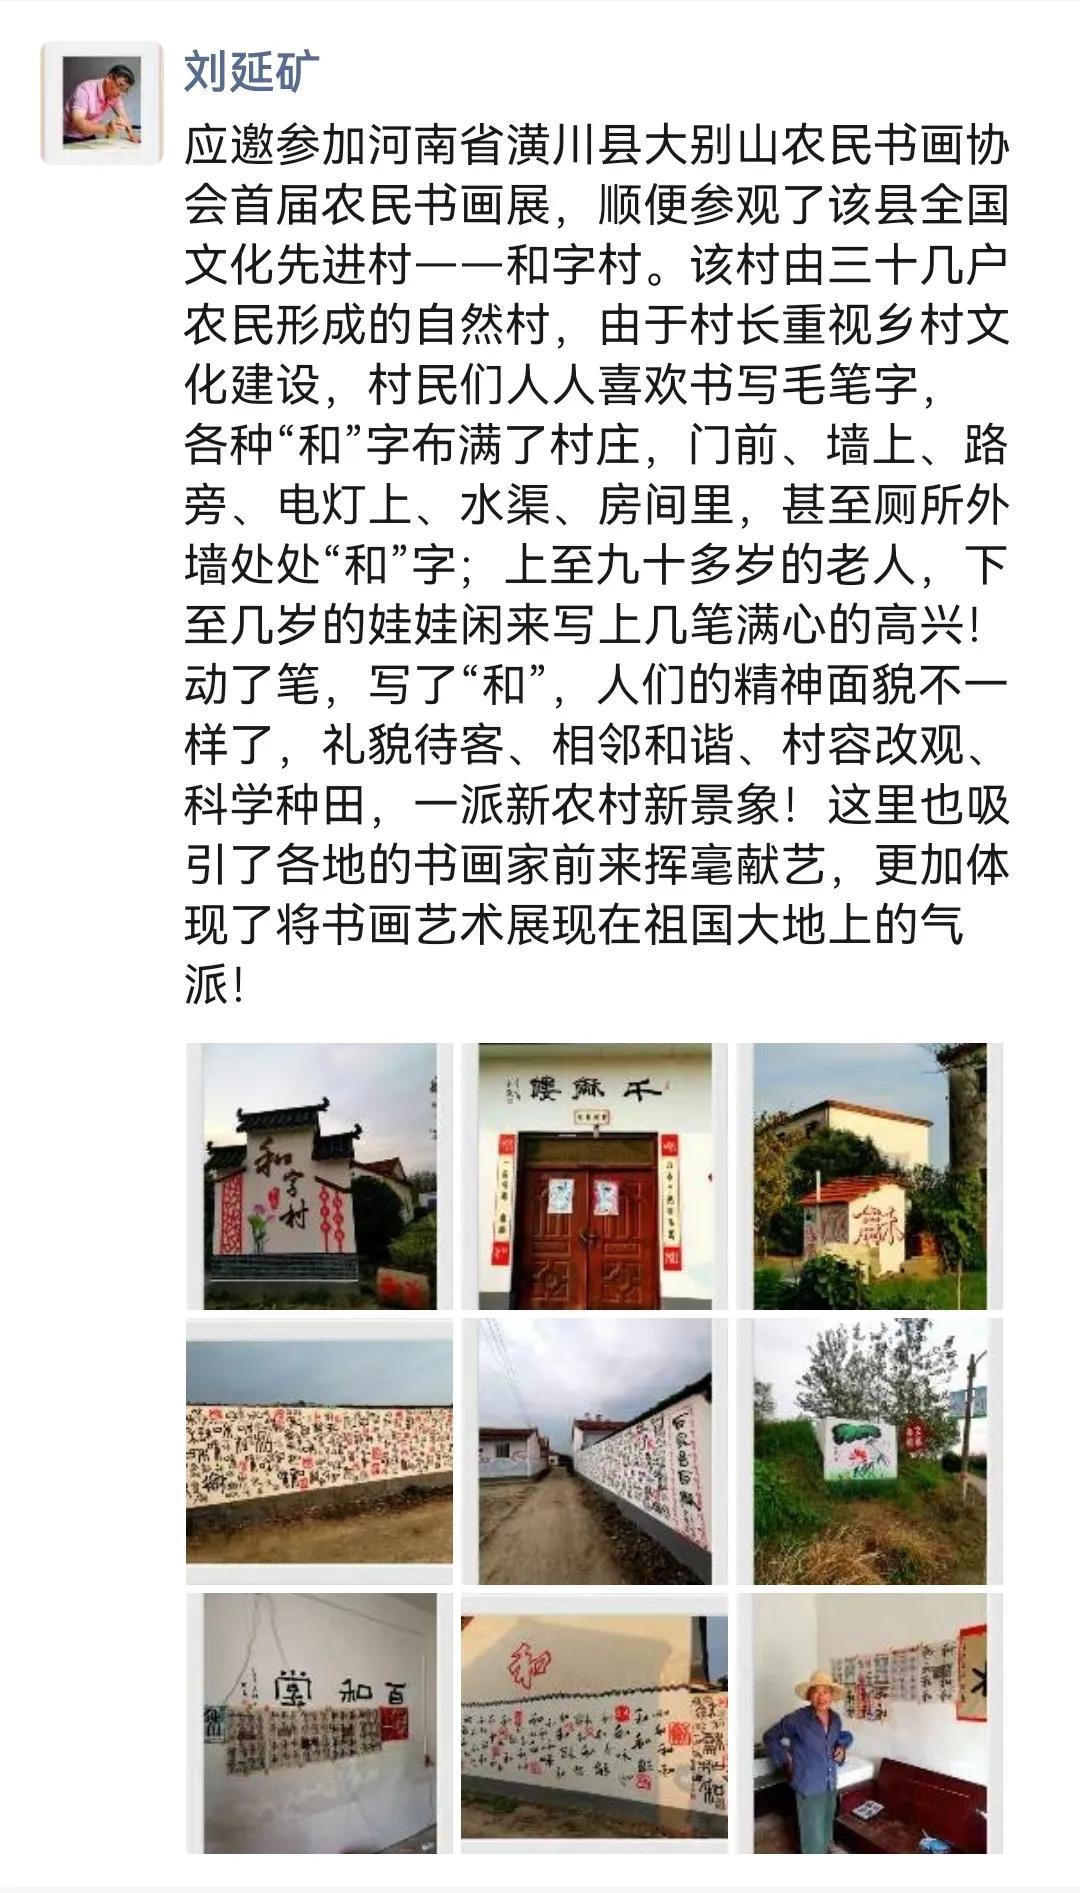 潢川县高楼和字村举行农民和字展